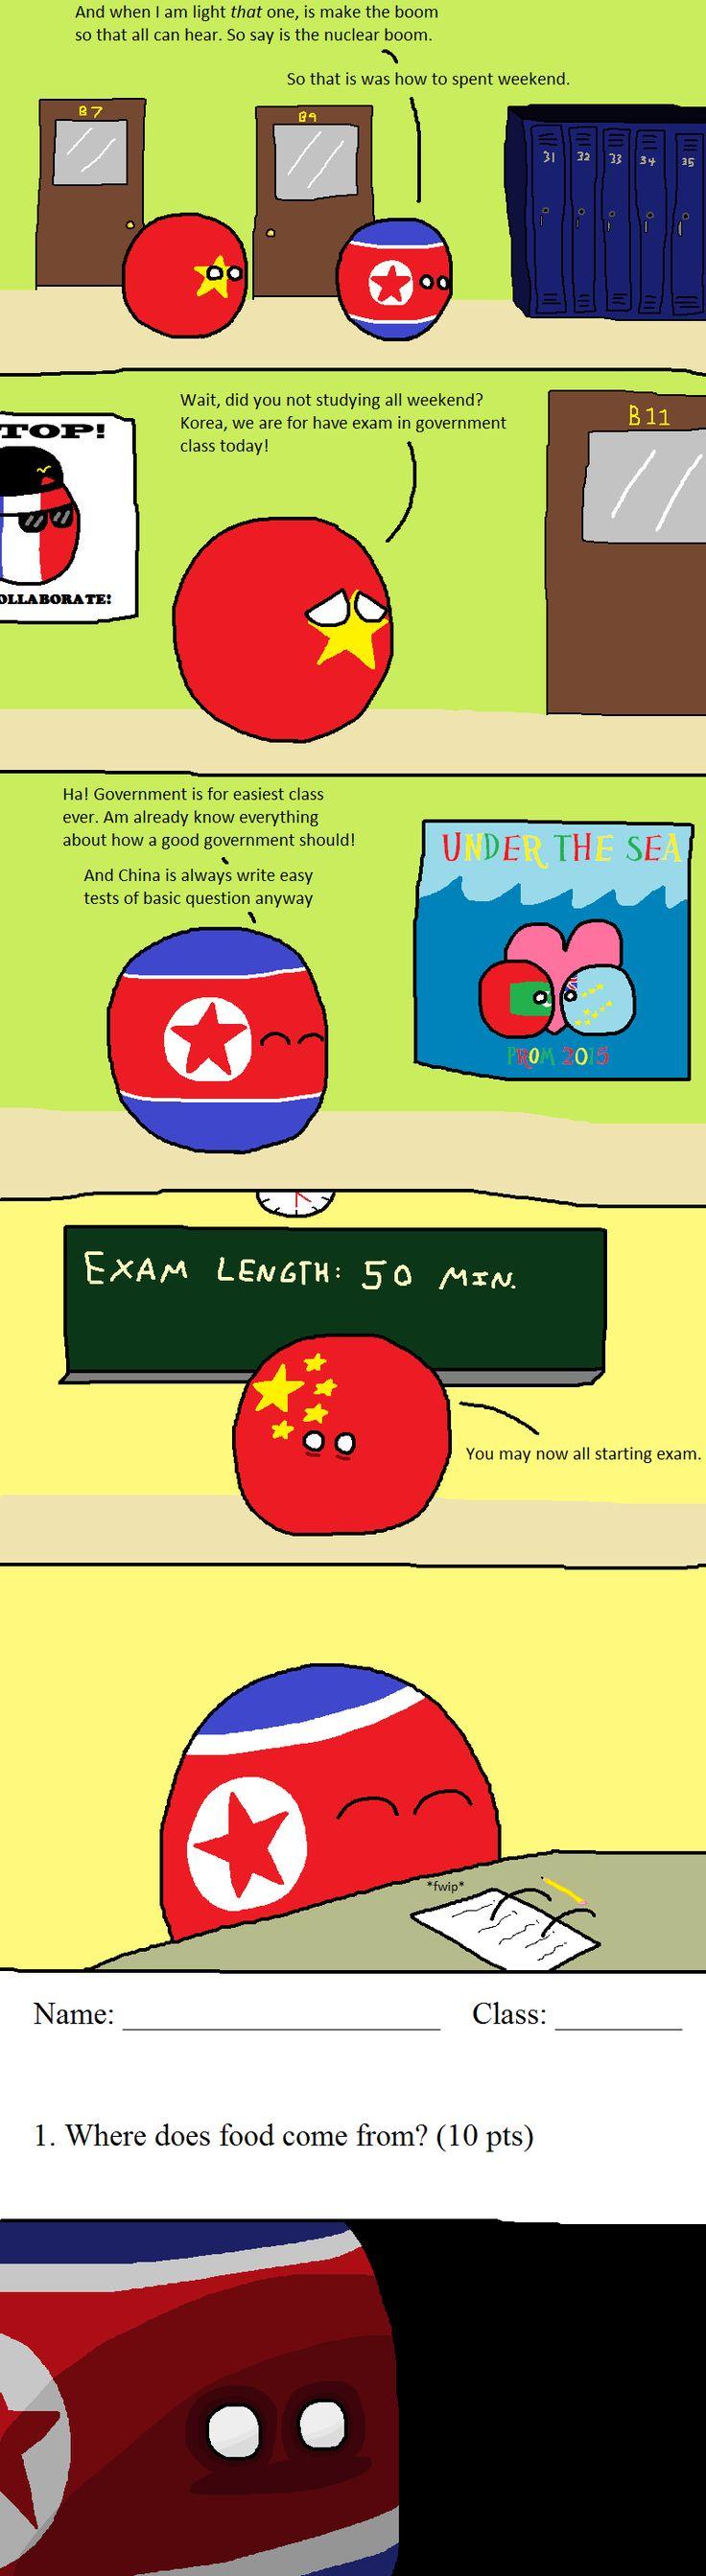 Exam Day (North Korea, Vietnam, China) by FVBLT #polandball #countryball